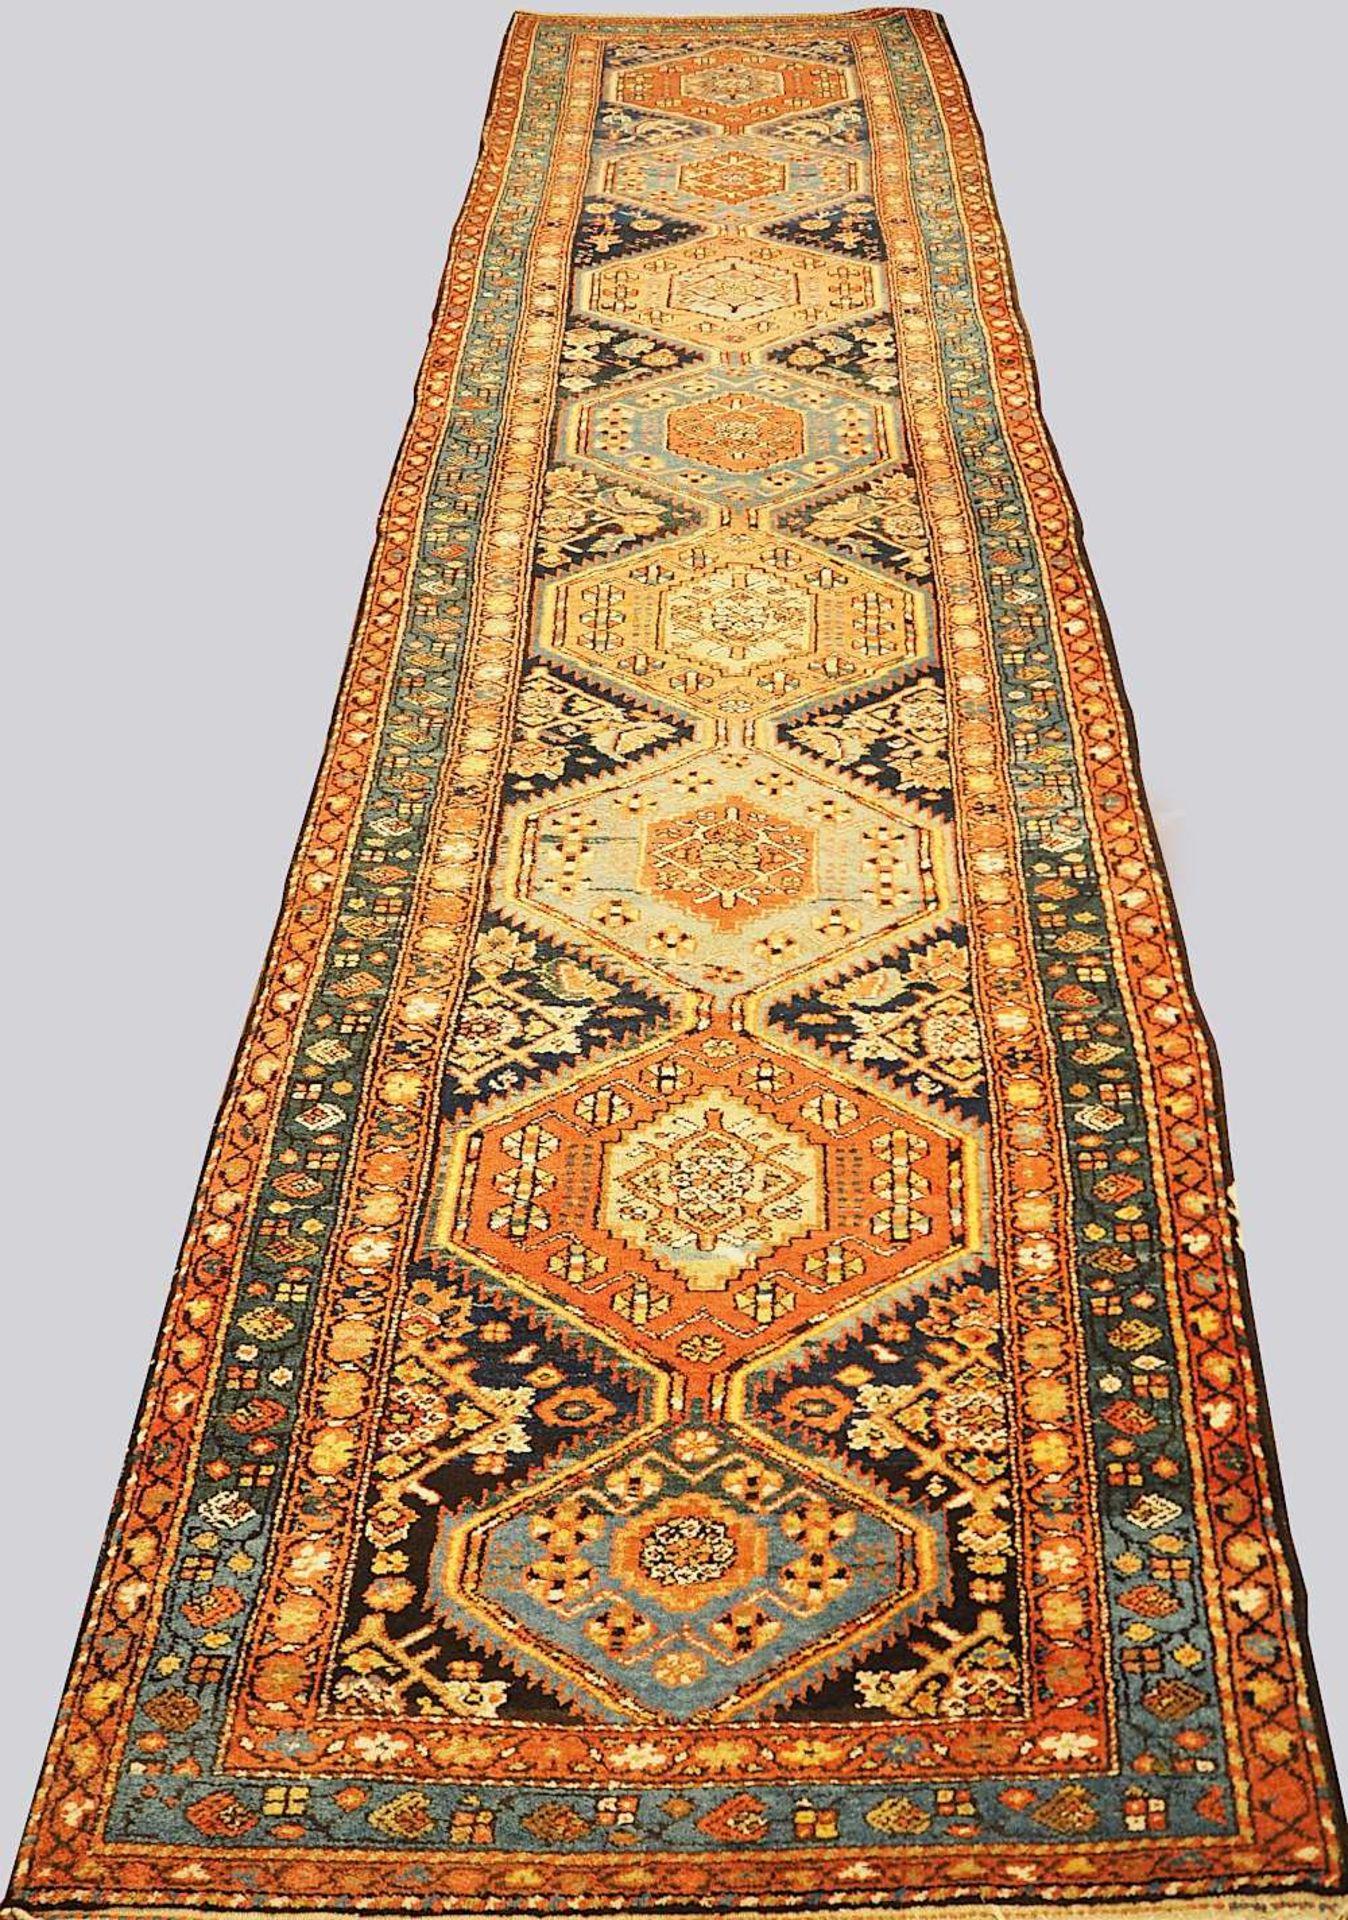 1 Orientgalerie Mittelfeld dunkelblaugrundig mit Medaillon-Reihung in verschiedenen Farben, 20.